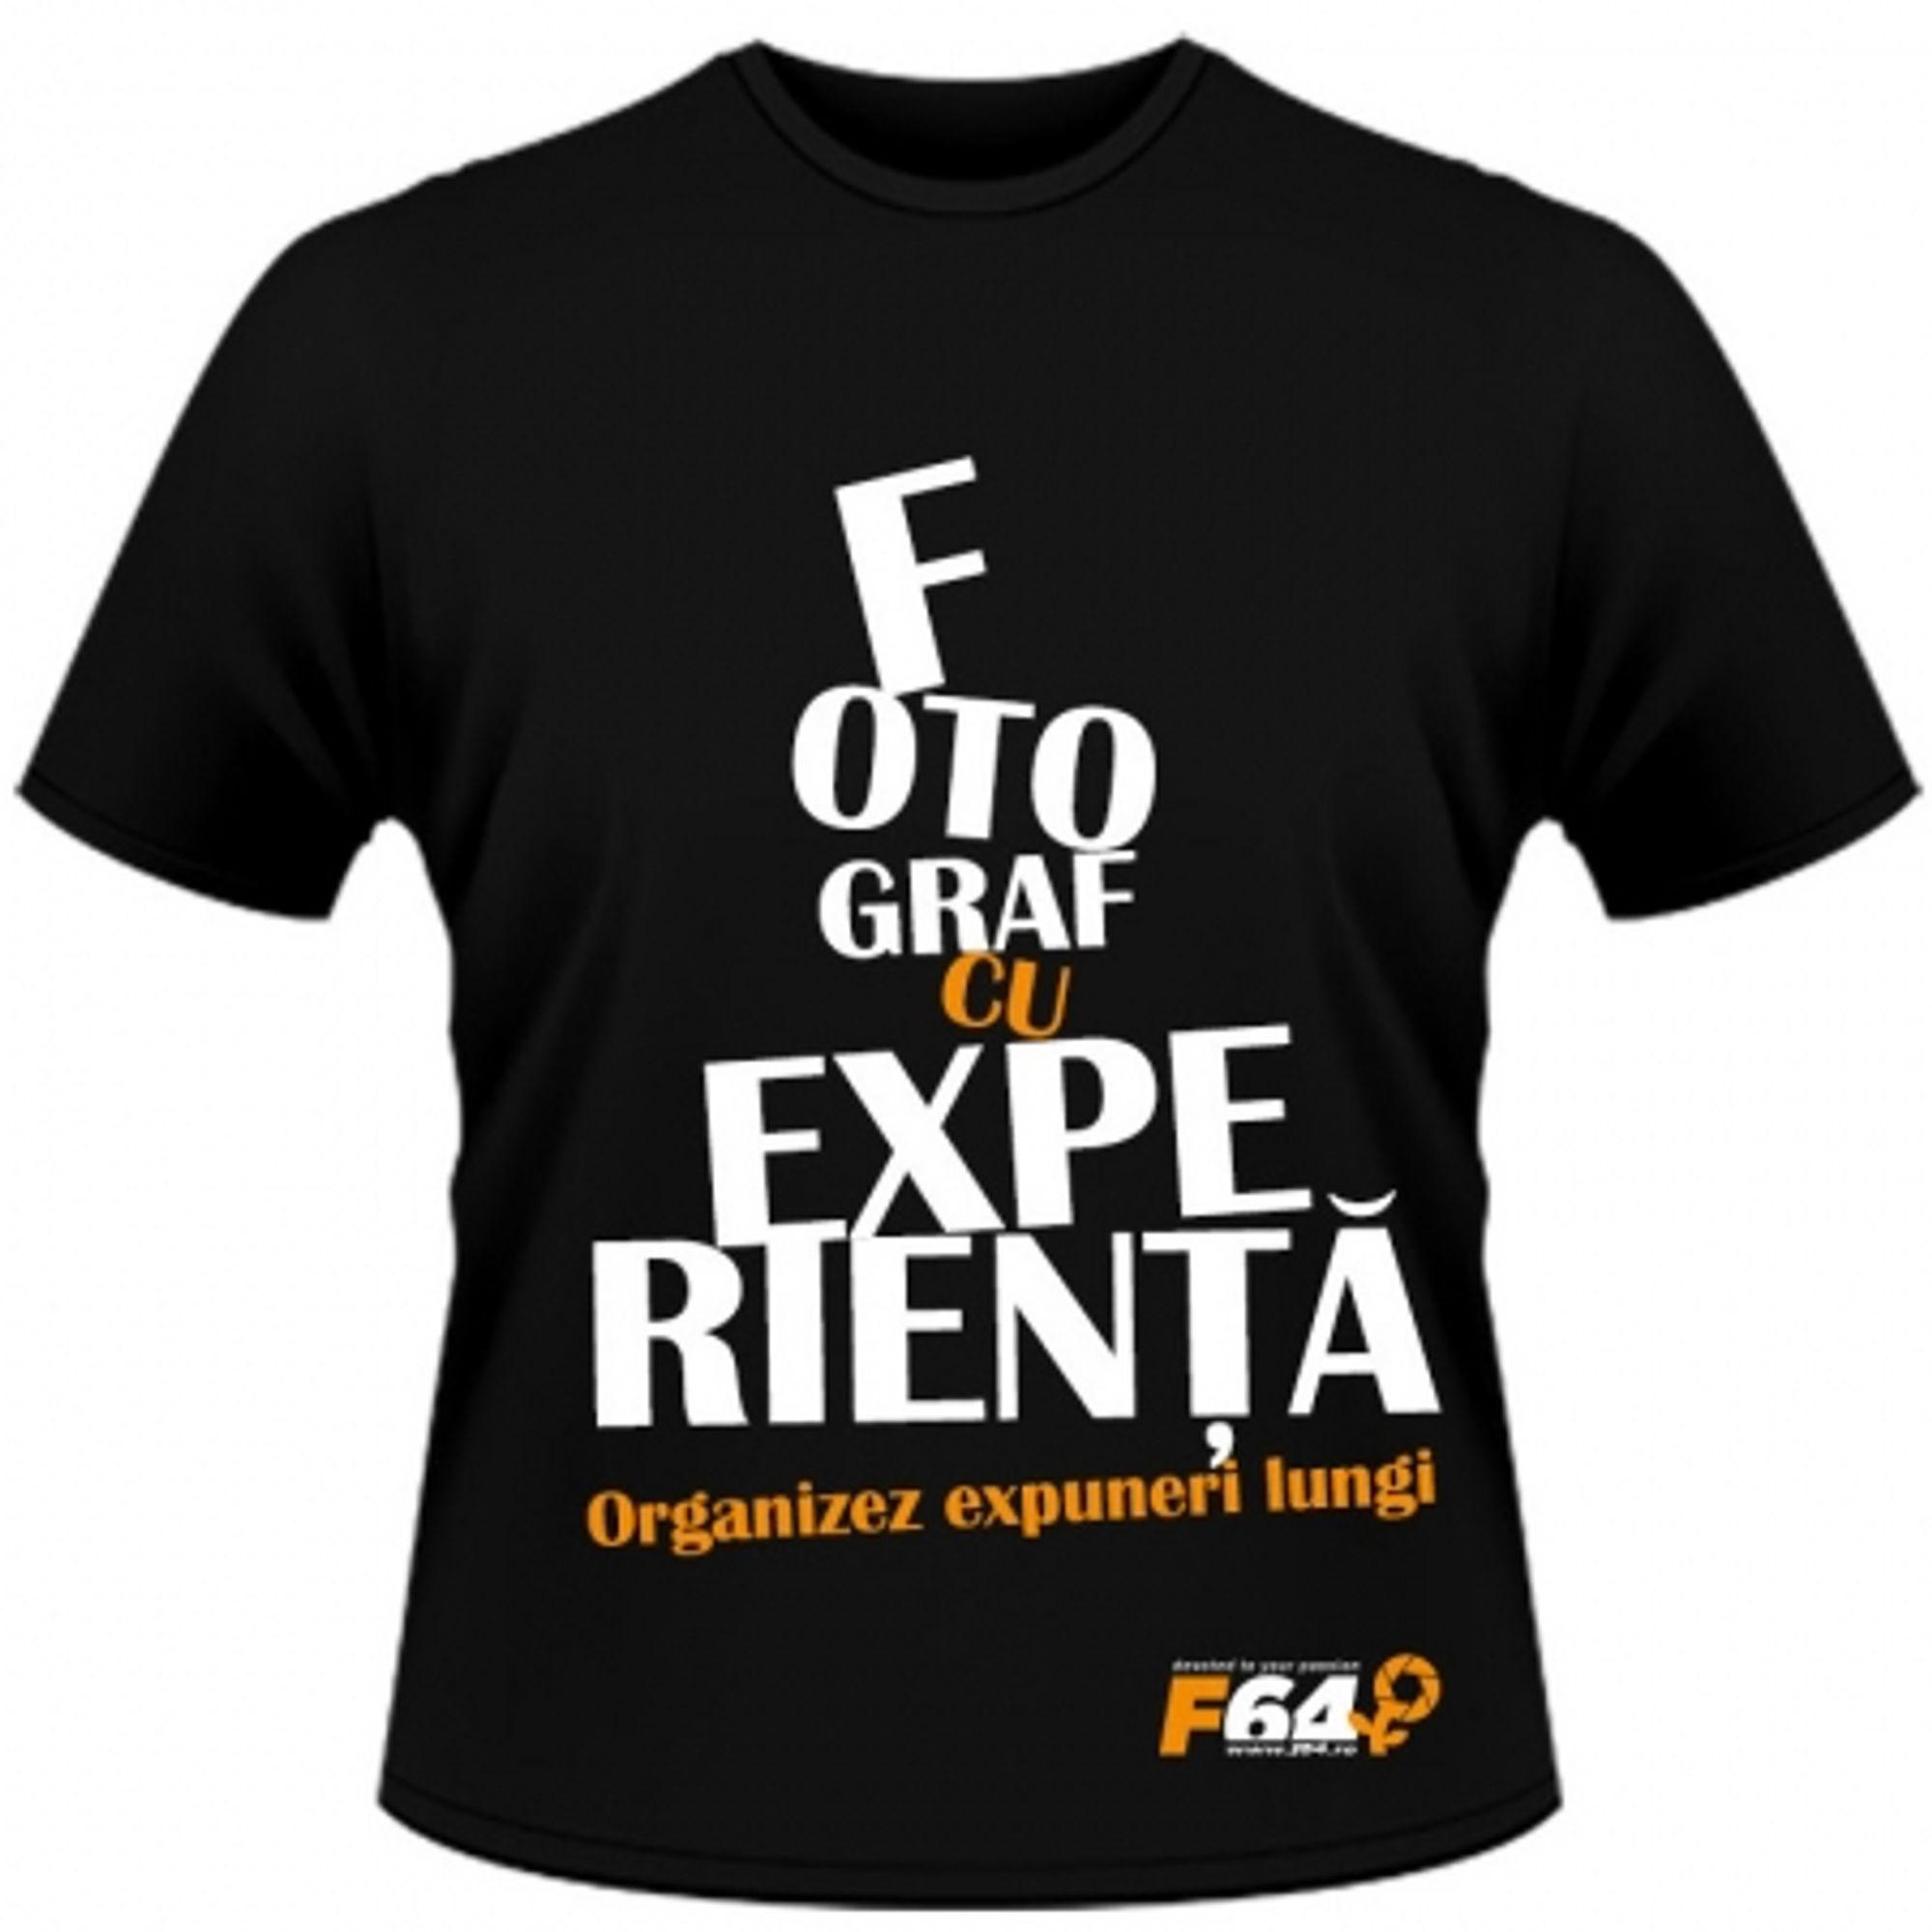 fabrică autentică magazin Regatul Unit Tricou negru - Fotograf Cu Experinta - XL - F64 Studio